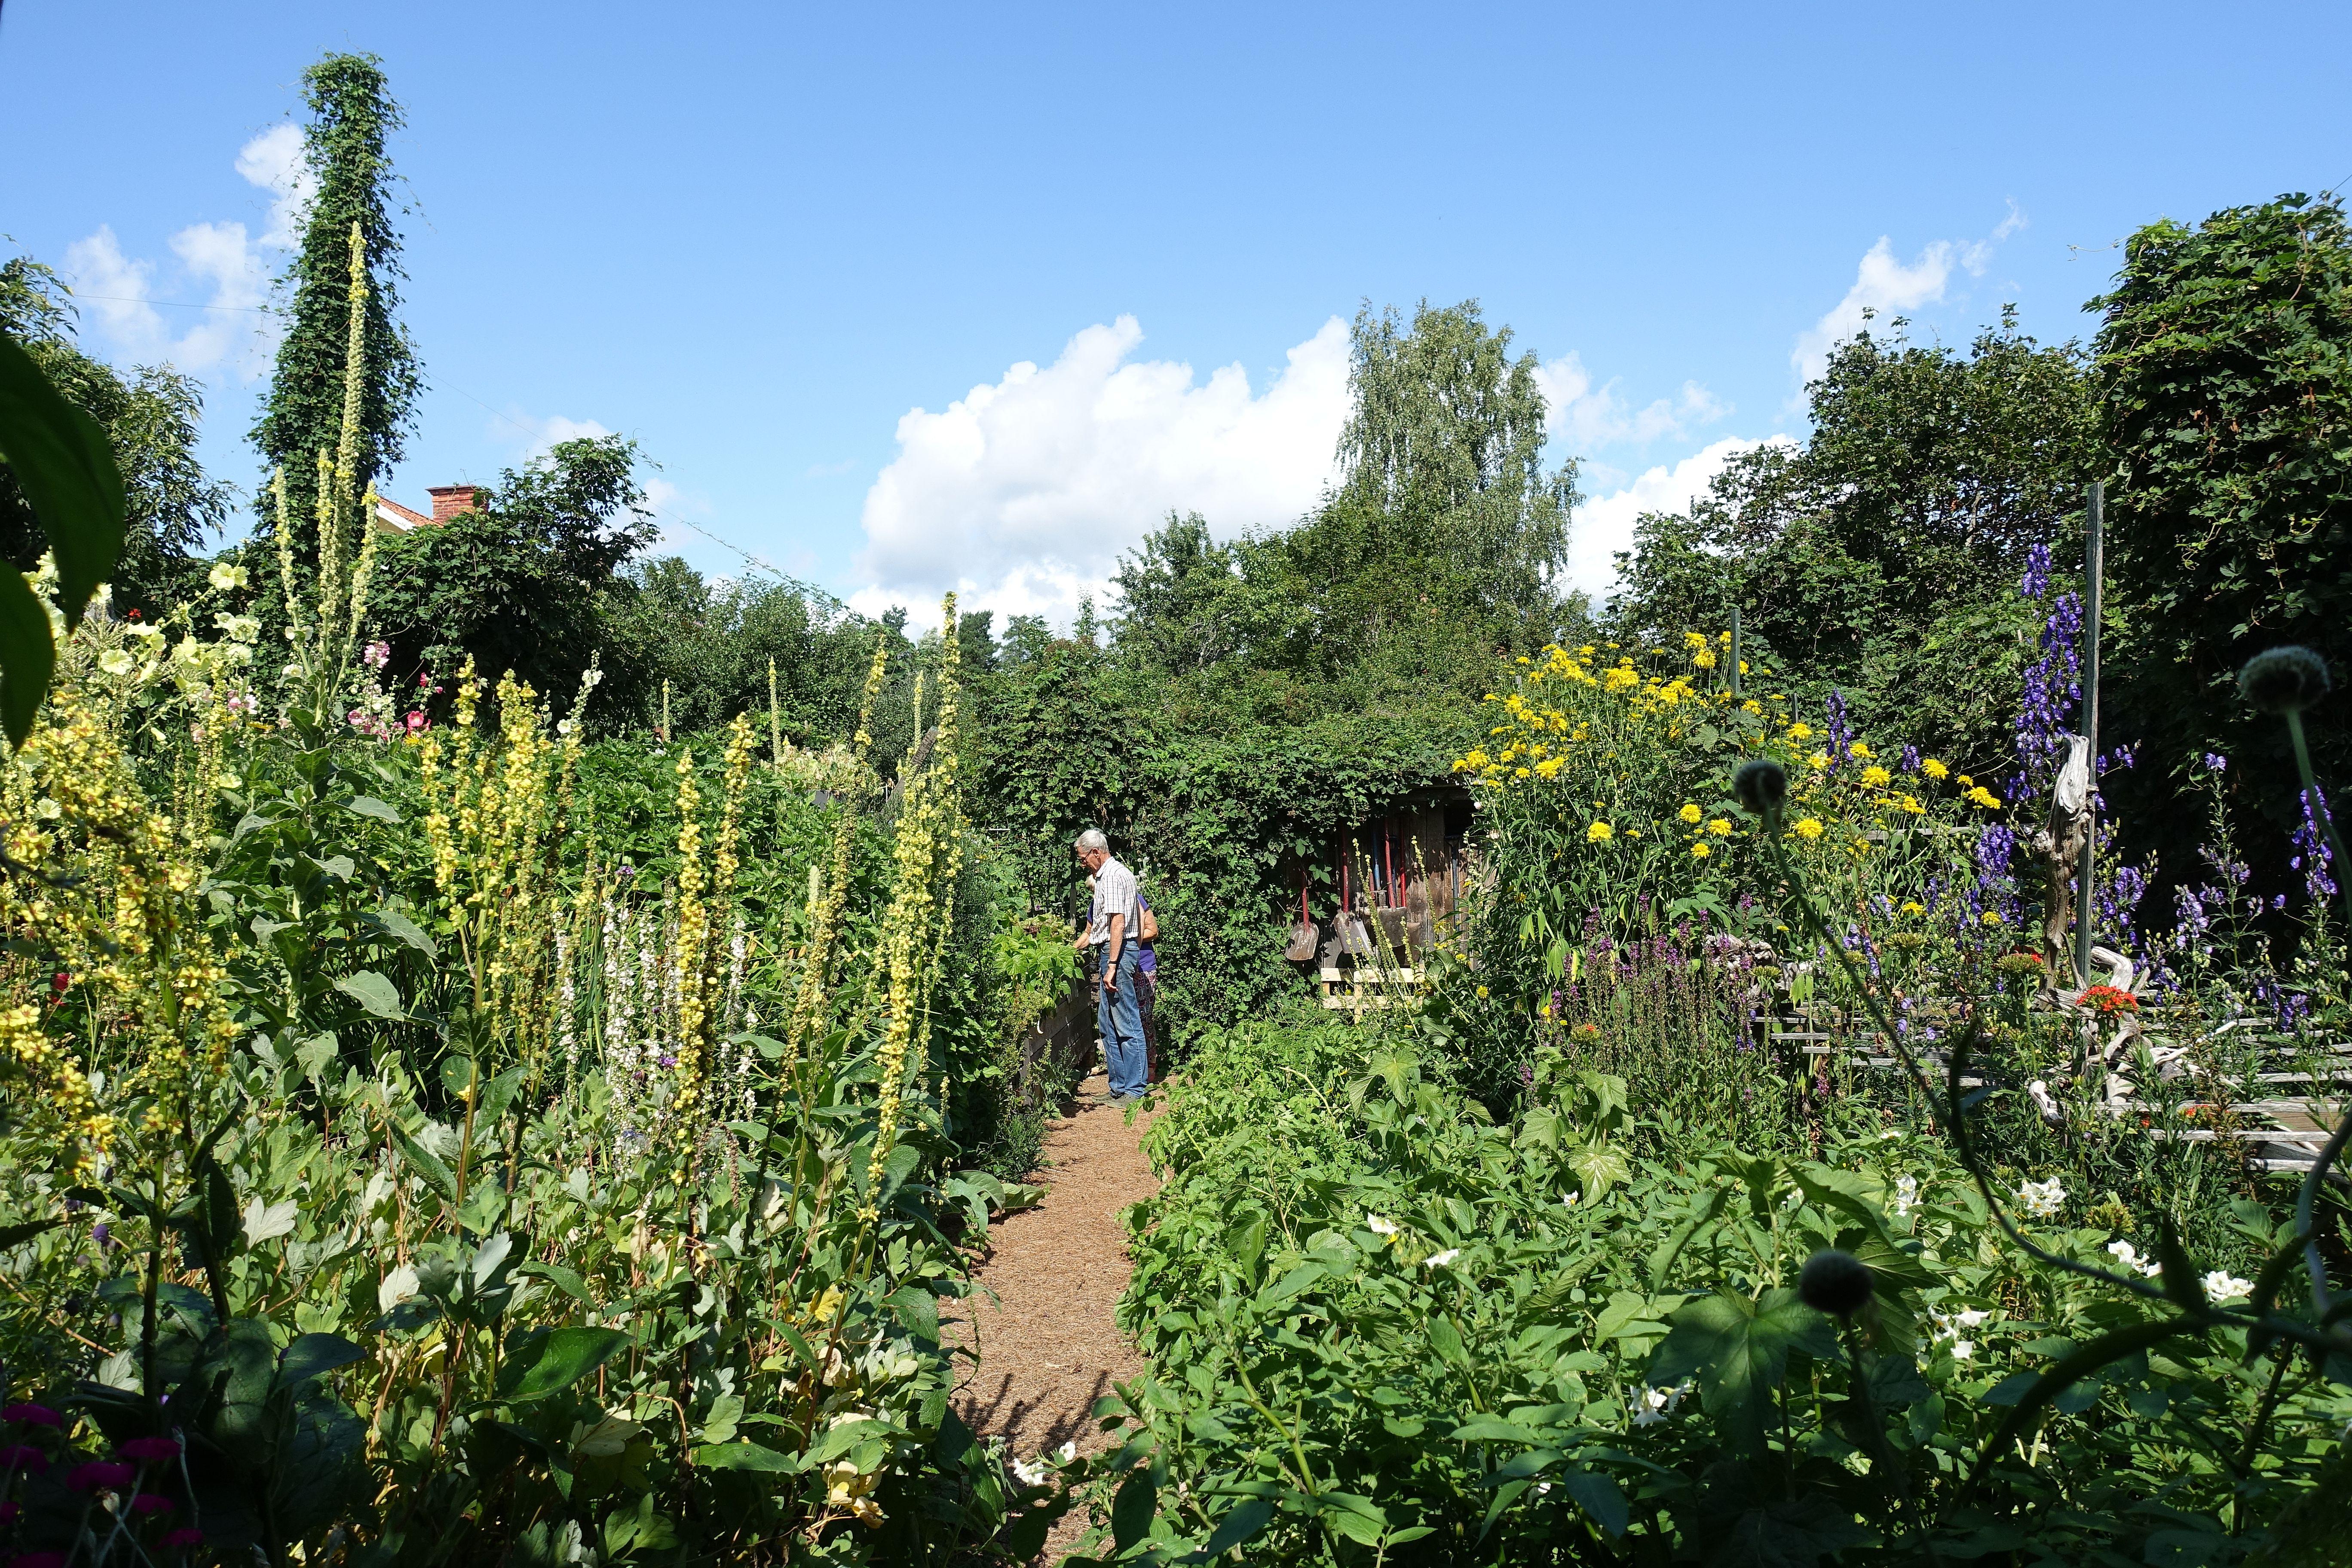 En enorm växtkraft med höga växter och blomspiror mot en blå himmel. Mulched garden, tall plants against a blue sky.